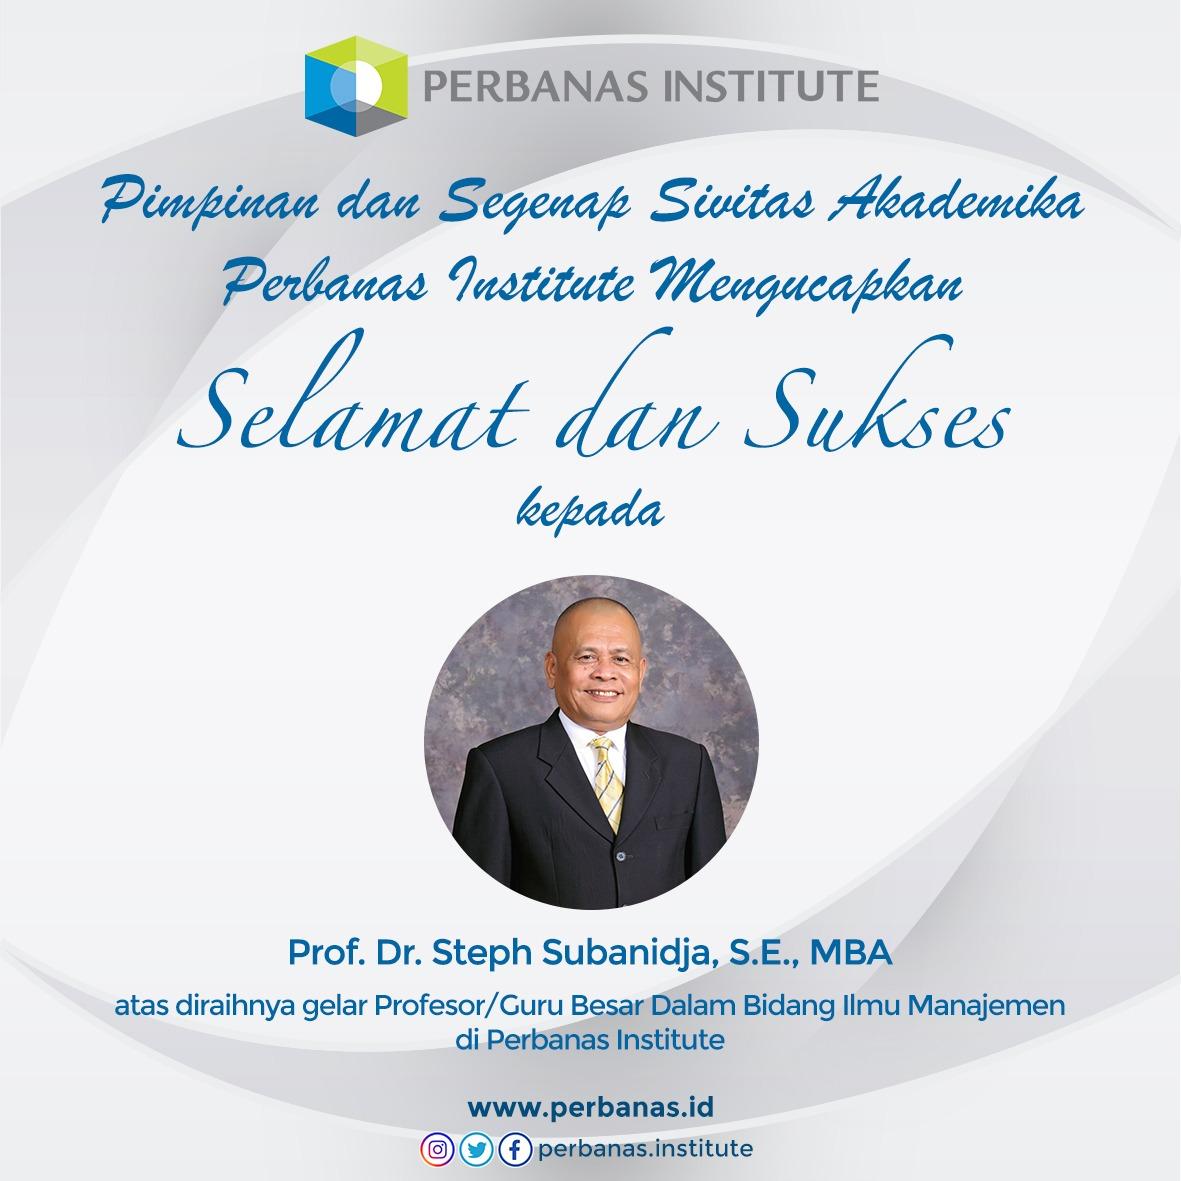 SELAMAT KEPADA PROF. DR. STEPH SUBANIDJA, S.E., M.B.A. ATAS DIRAIHNYA GELAR PROFESOR/GURU BESAR